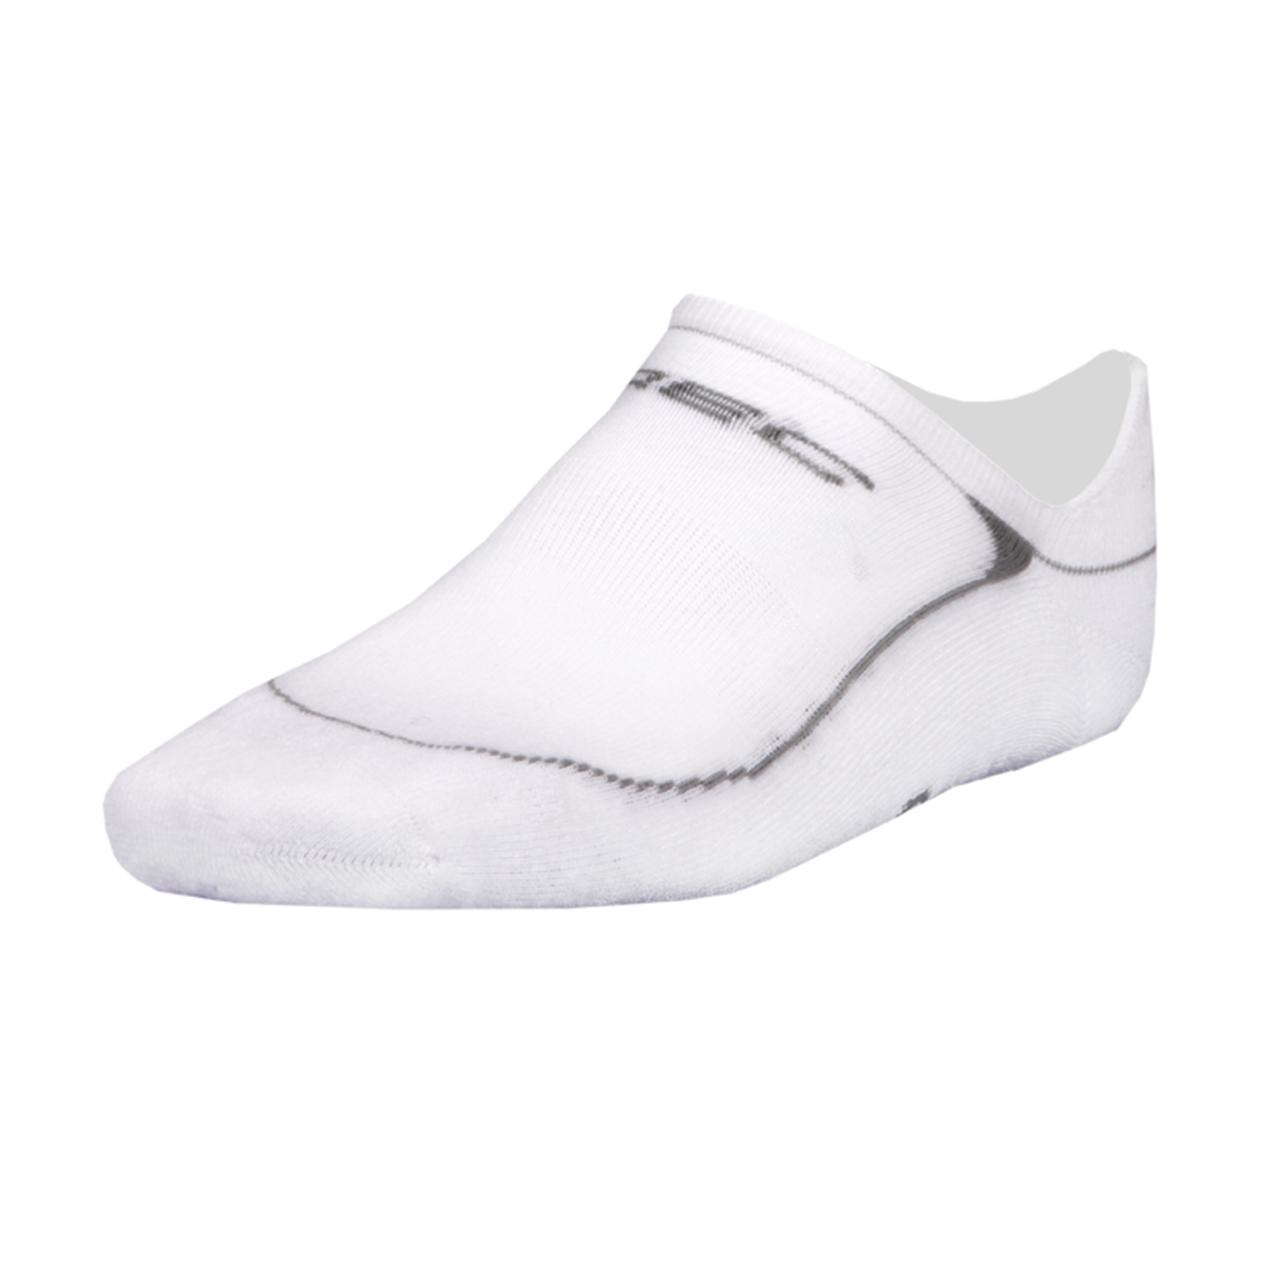 جوراب ساق کوتاه ترک ویر مدل Mini 001 White